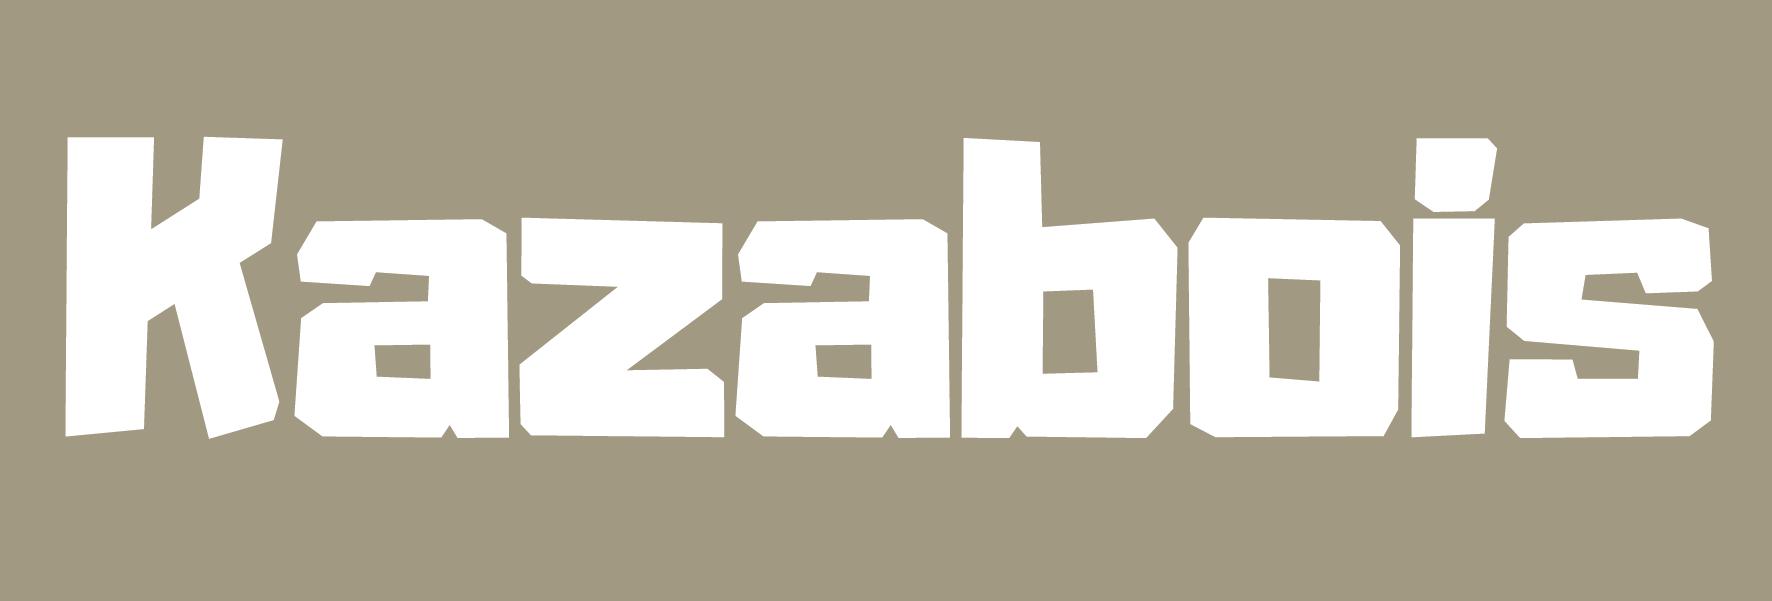 Meubles et décorations en bois - Kazabois